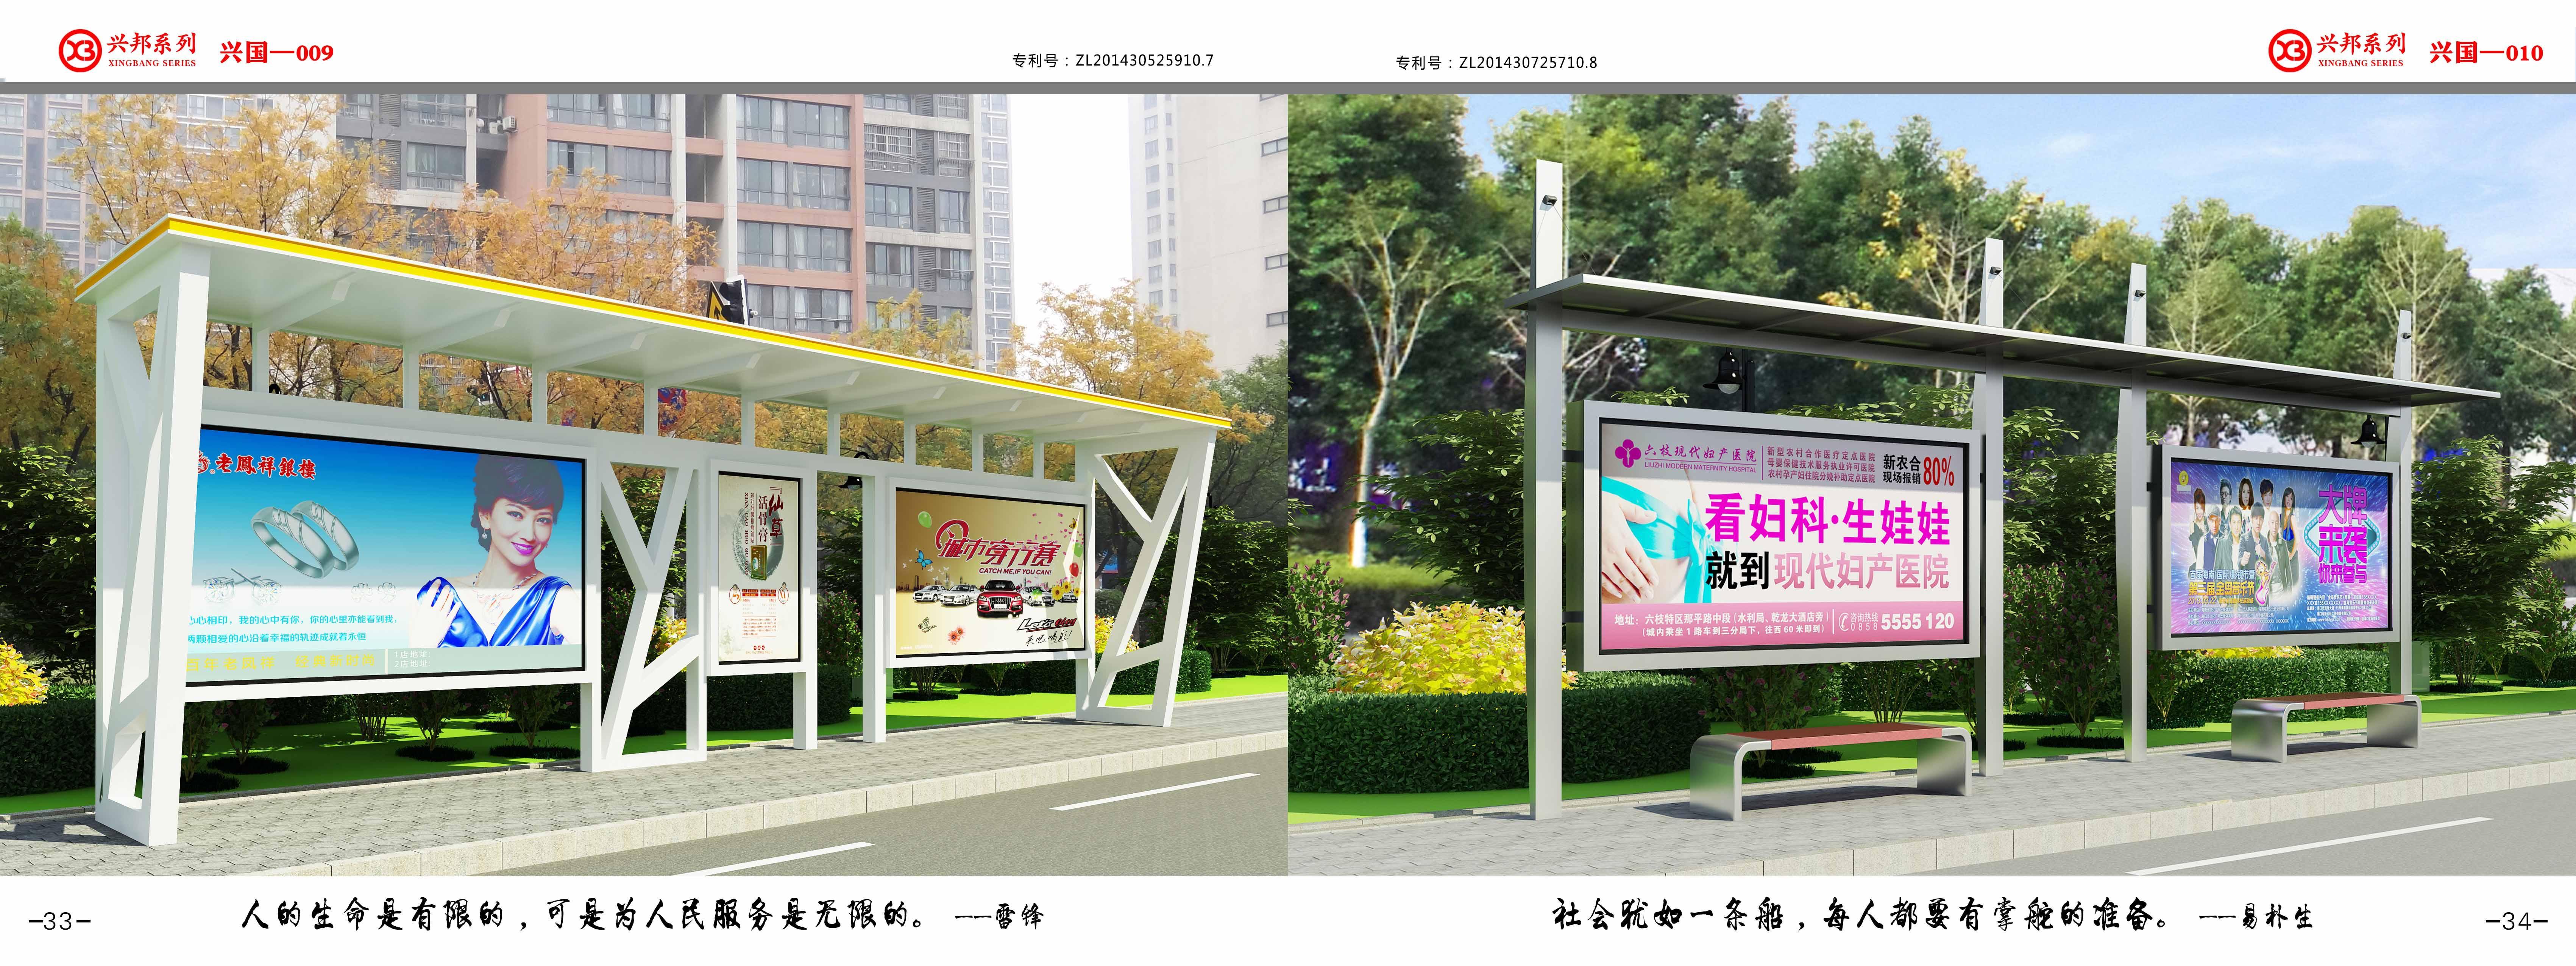 江苏飞马公交站台